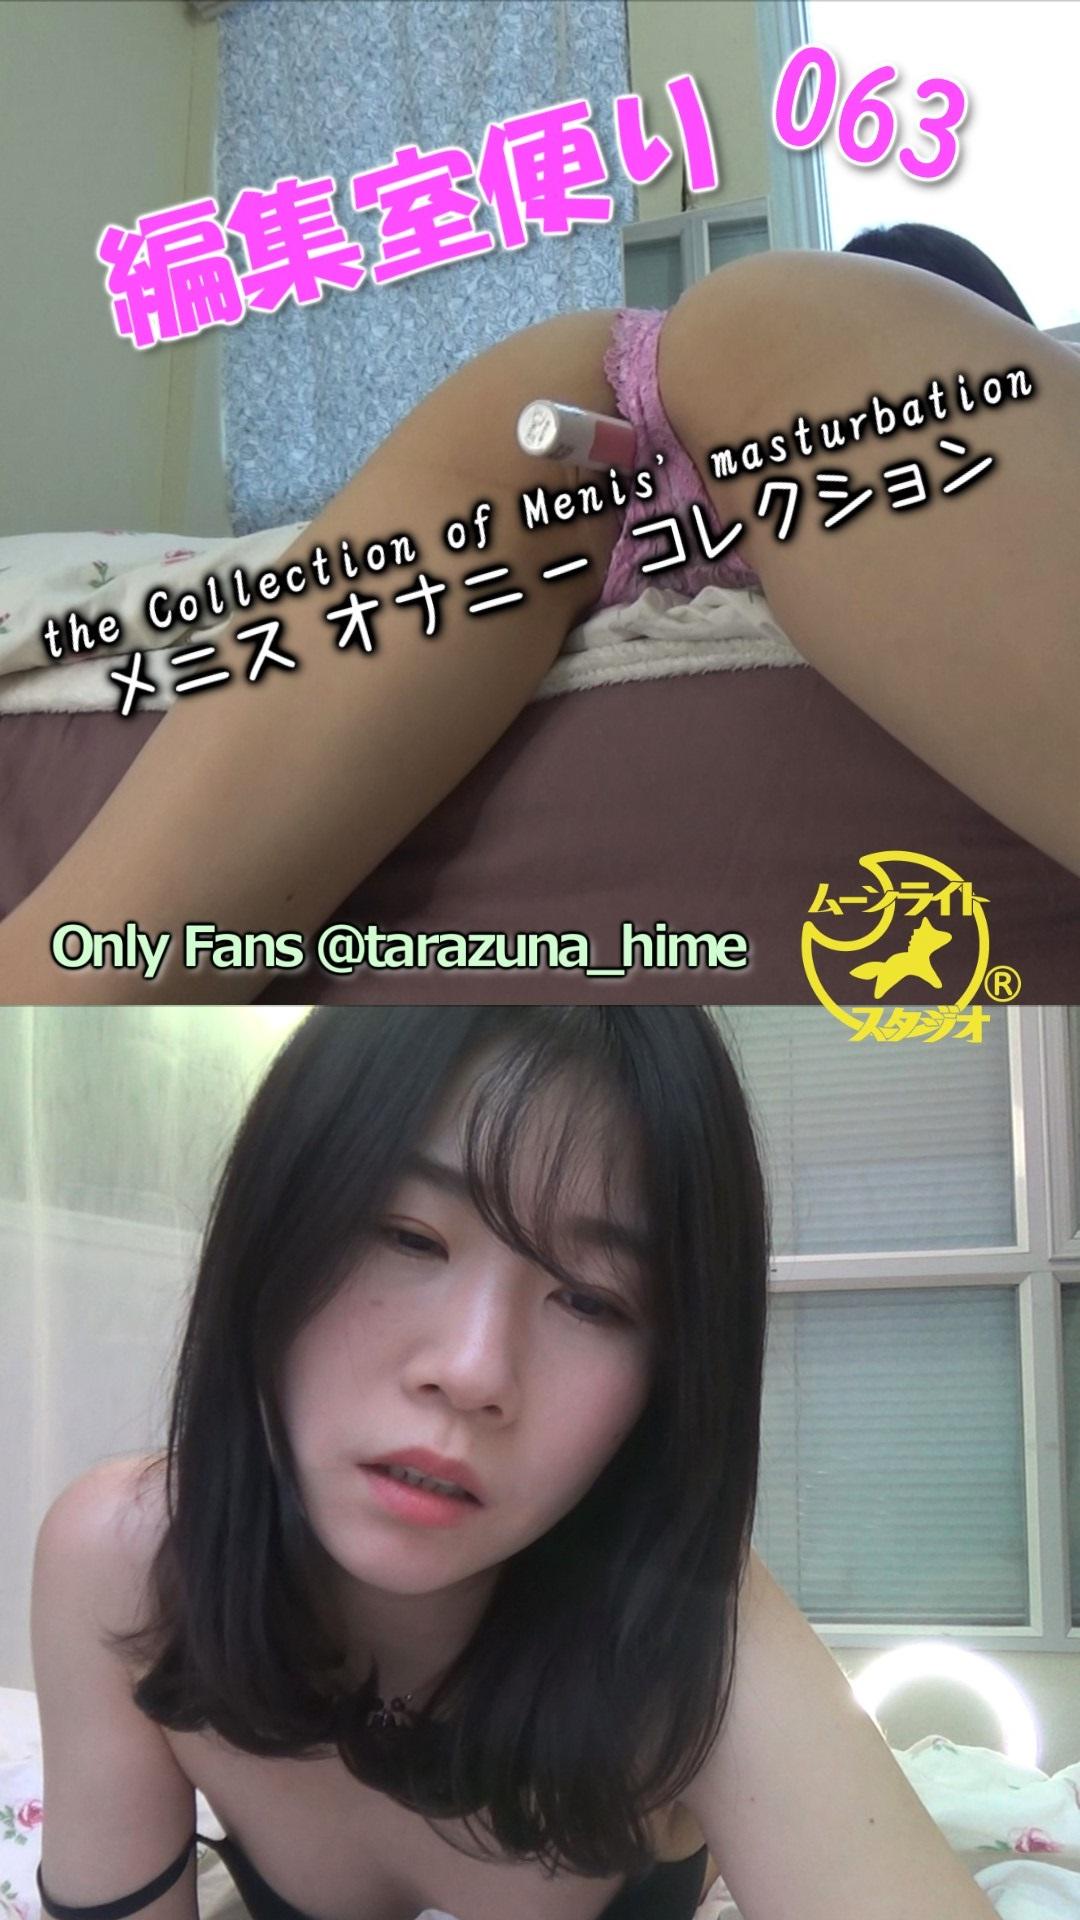 メニス 友子無修正画像 メニス鏡子ヌード蛍メニス泉野鏡子 nude401枚